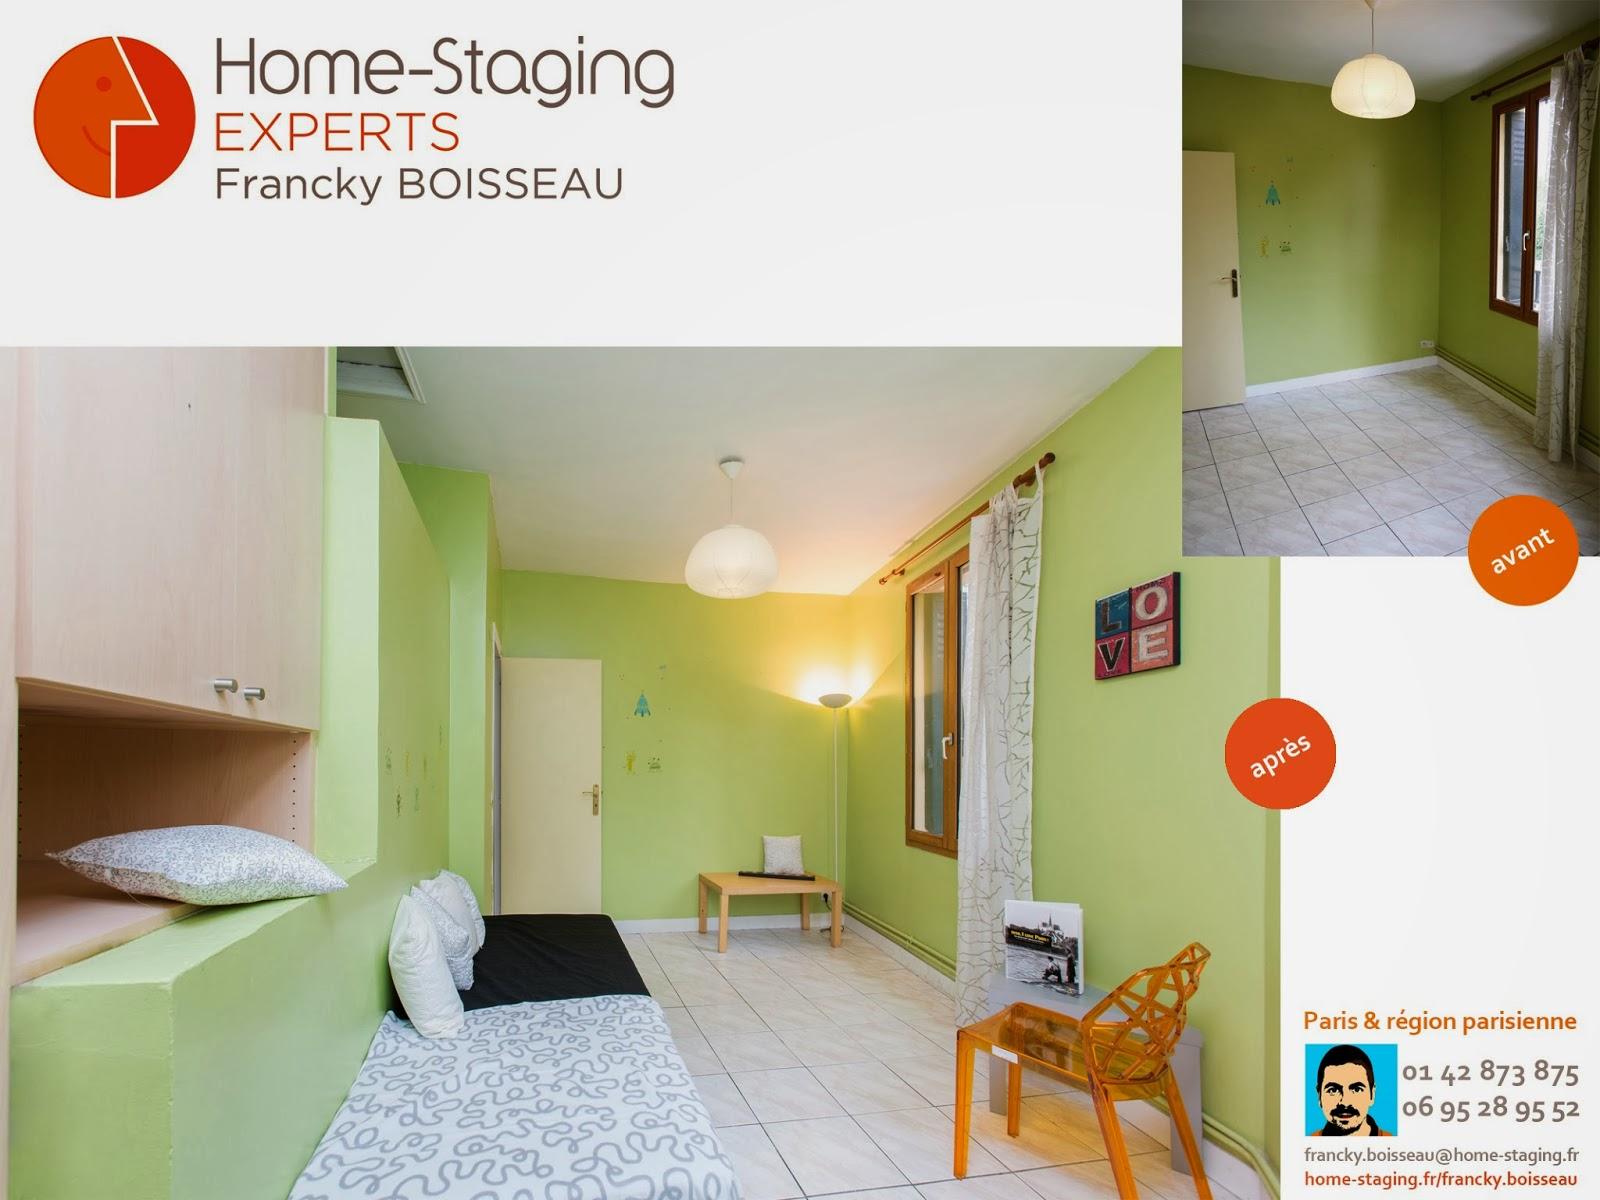 vendez plus vite votre bien le home staging a marche tr s fort aussi dans les logements vides. Black Bedroom Furniture Sets. Home Design Ideas